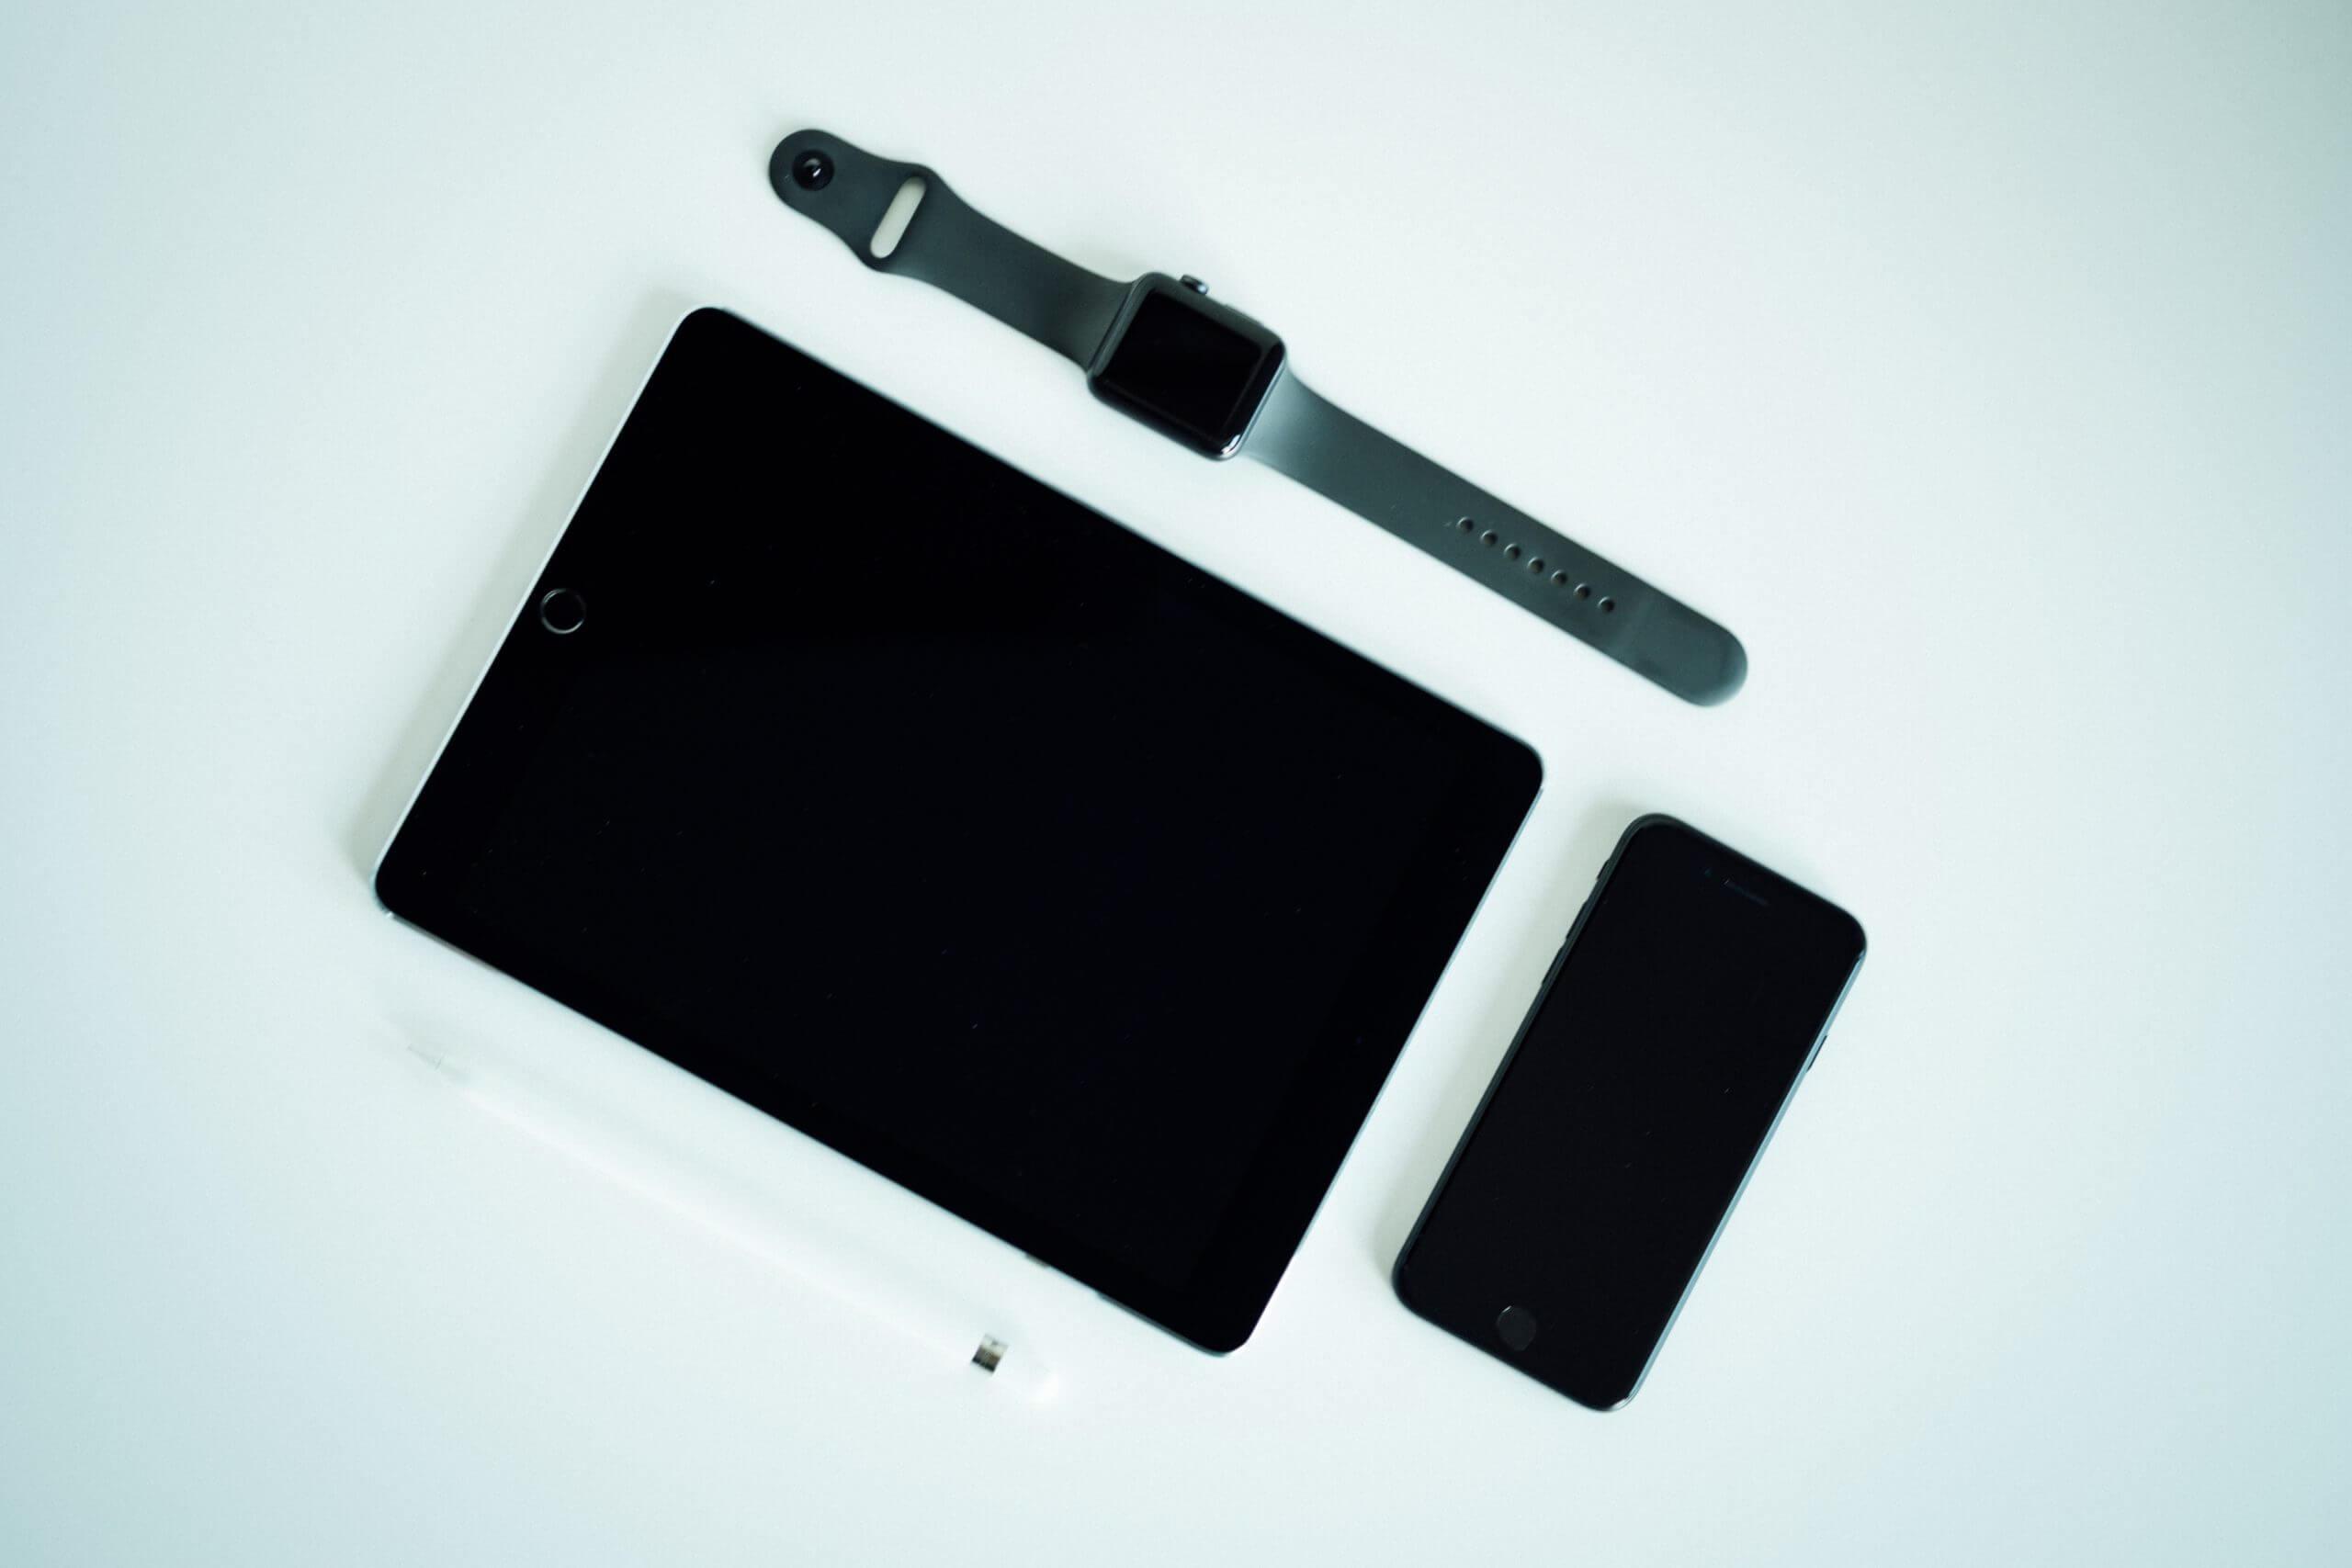 iPadはメディア消費端末